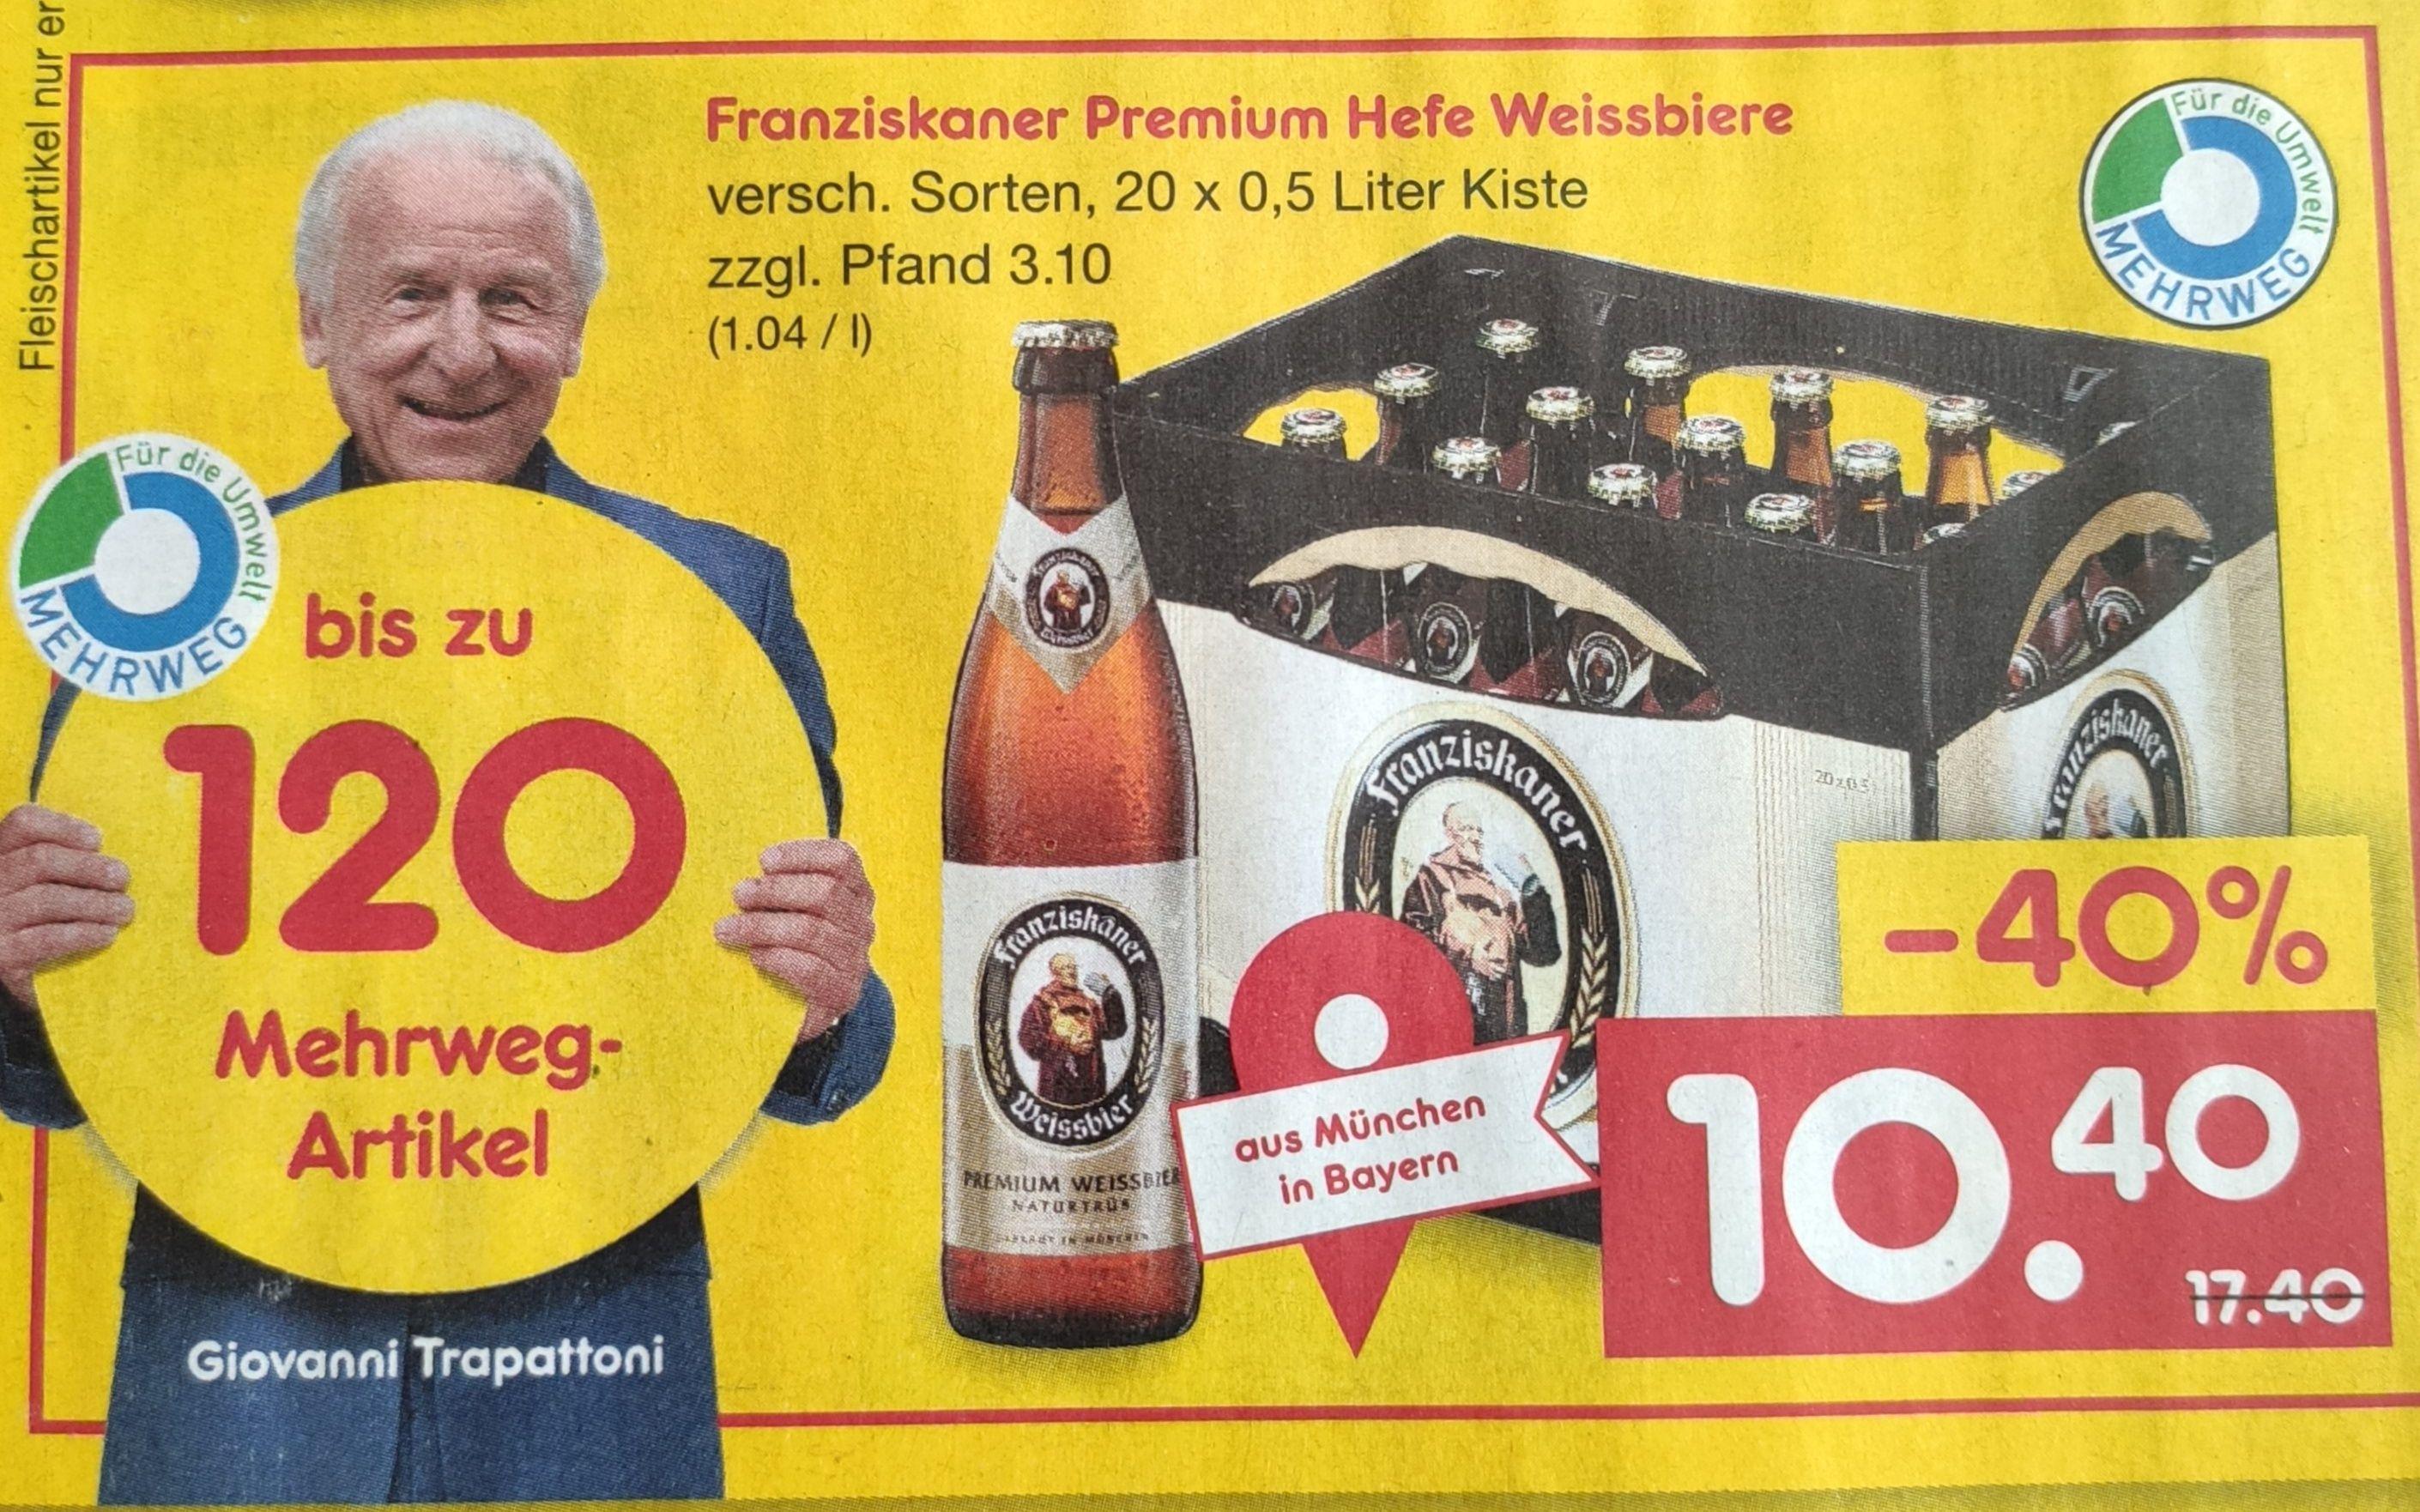 Franziskaner Weissbier 20 x 0,5l 10,40€ / Hacker-Pschorr Münchner Hell 20 x 0,5l 11,40€[Netto MD Bier Angebote - lokal Region München]